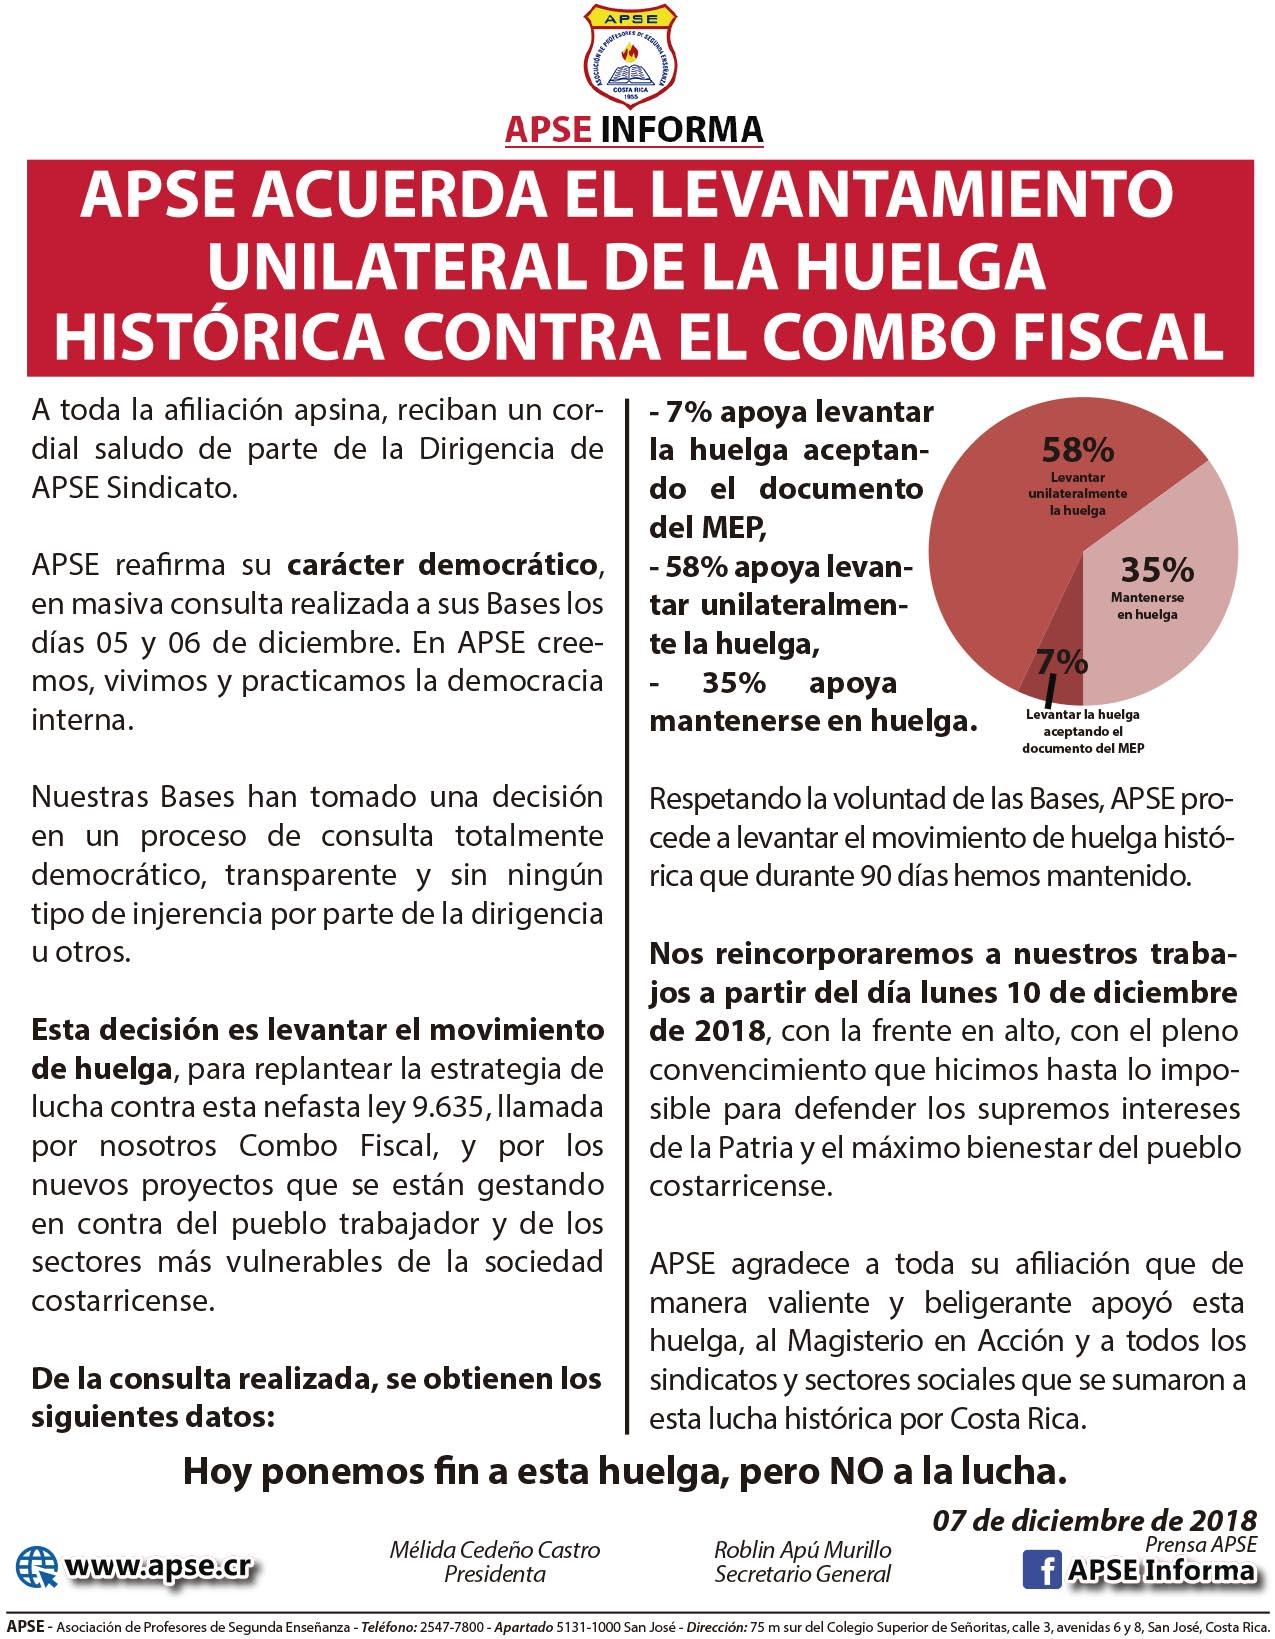 APSE ACUERDA EL LEVANTAMIENTO UNILATERAL DE LA HUELGA HISTÓRICA CONTRA EL COMBO FISCAL